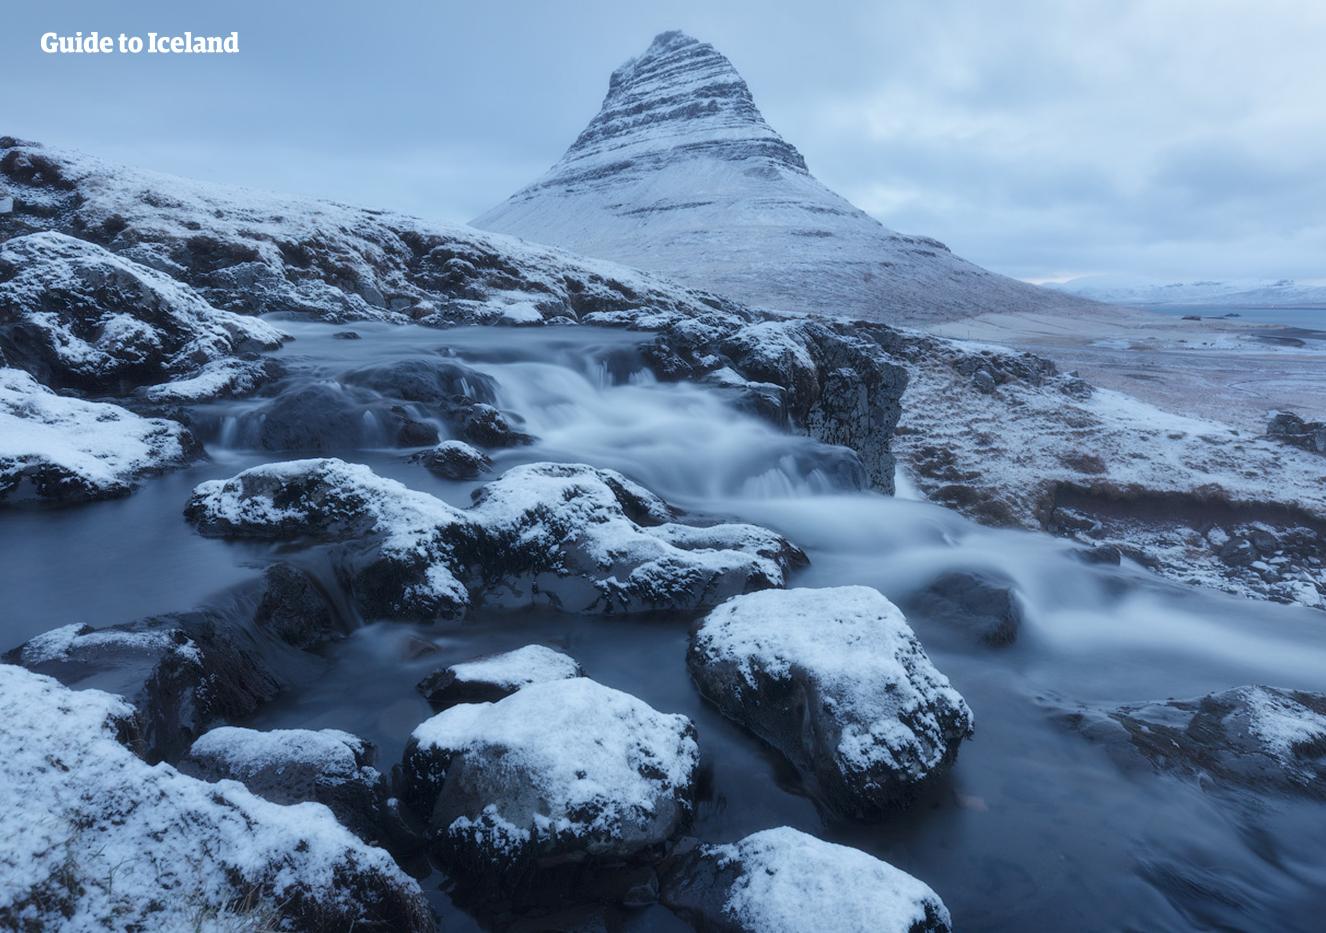 ที่ราบน้ำแข็งที่ด้านล่างสุดของภูเขาที่ถูกถ่ายรูปมากที่สุดในไอซ์แลนด์ที่ชื่อว่าภูเขาเคิร์คจูแฟส.